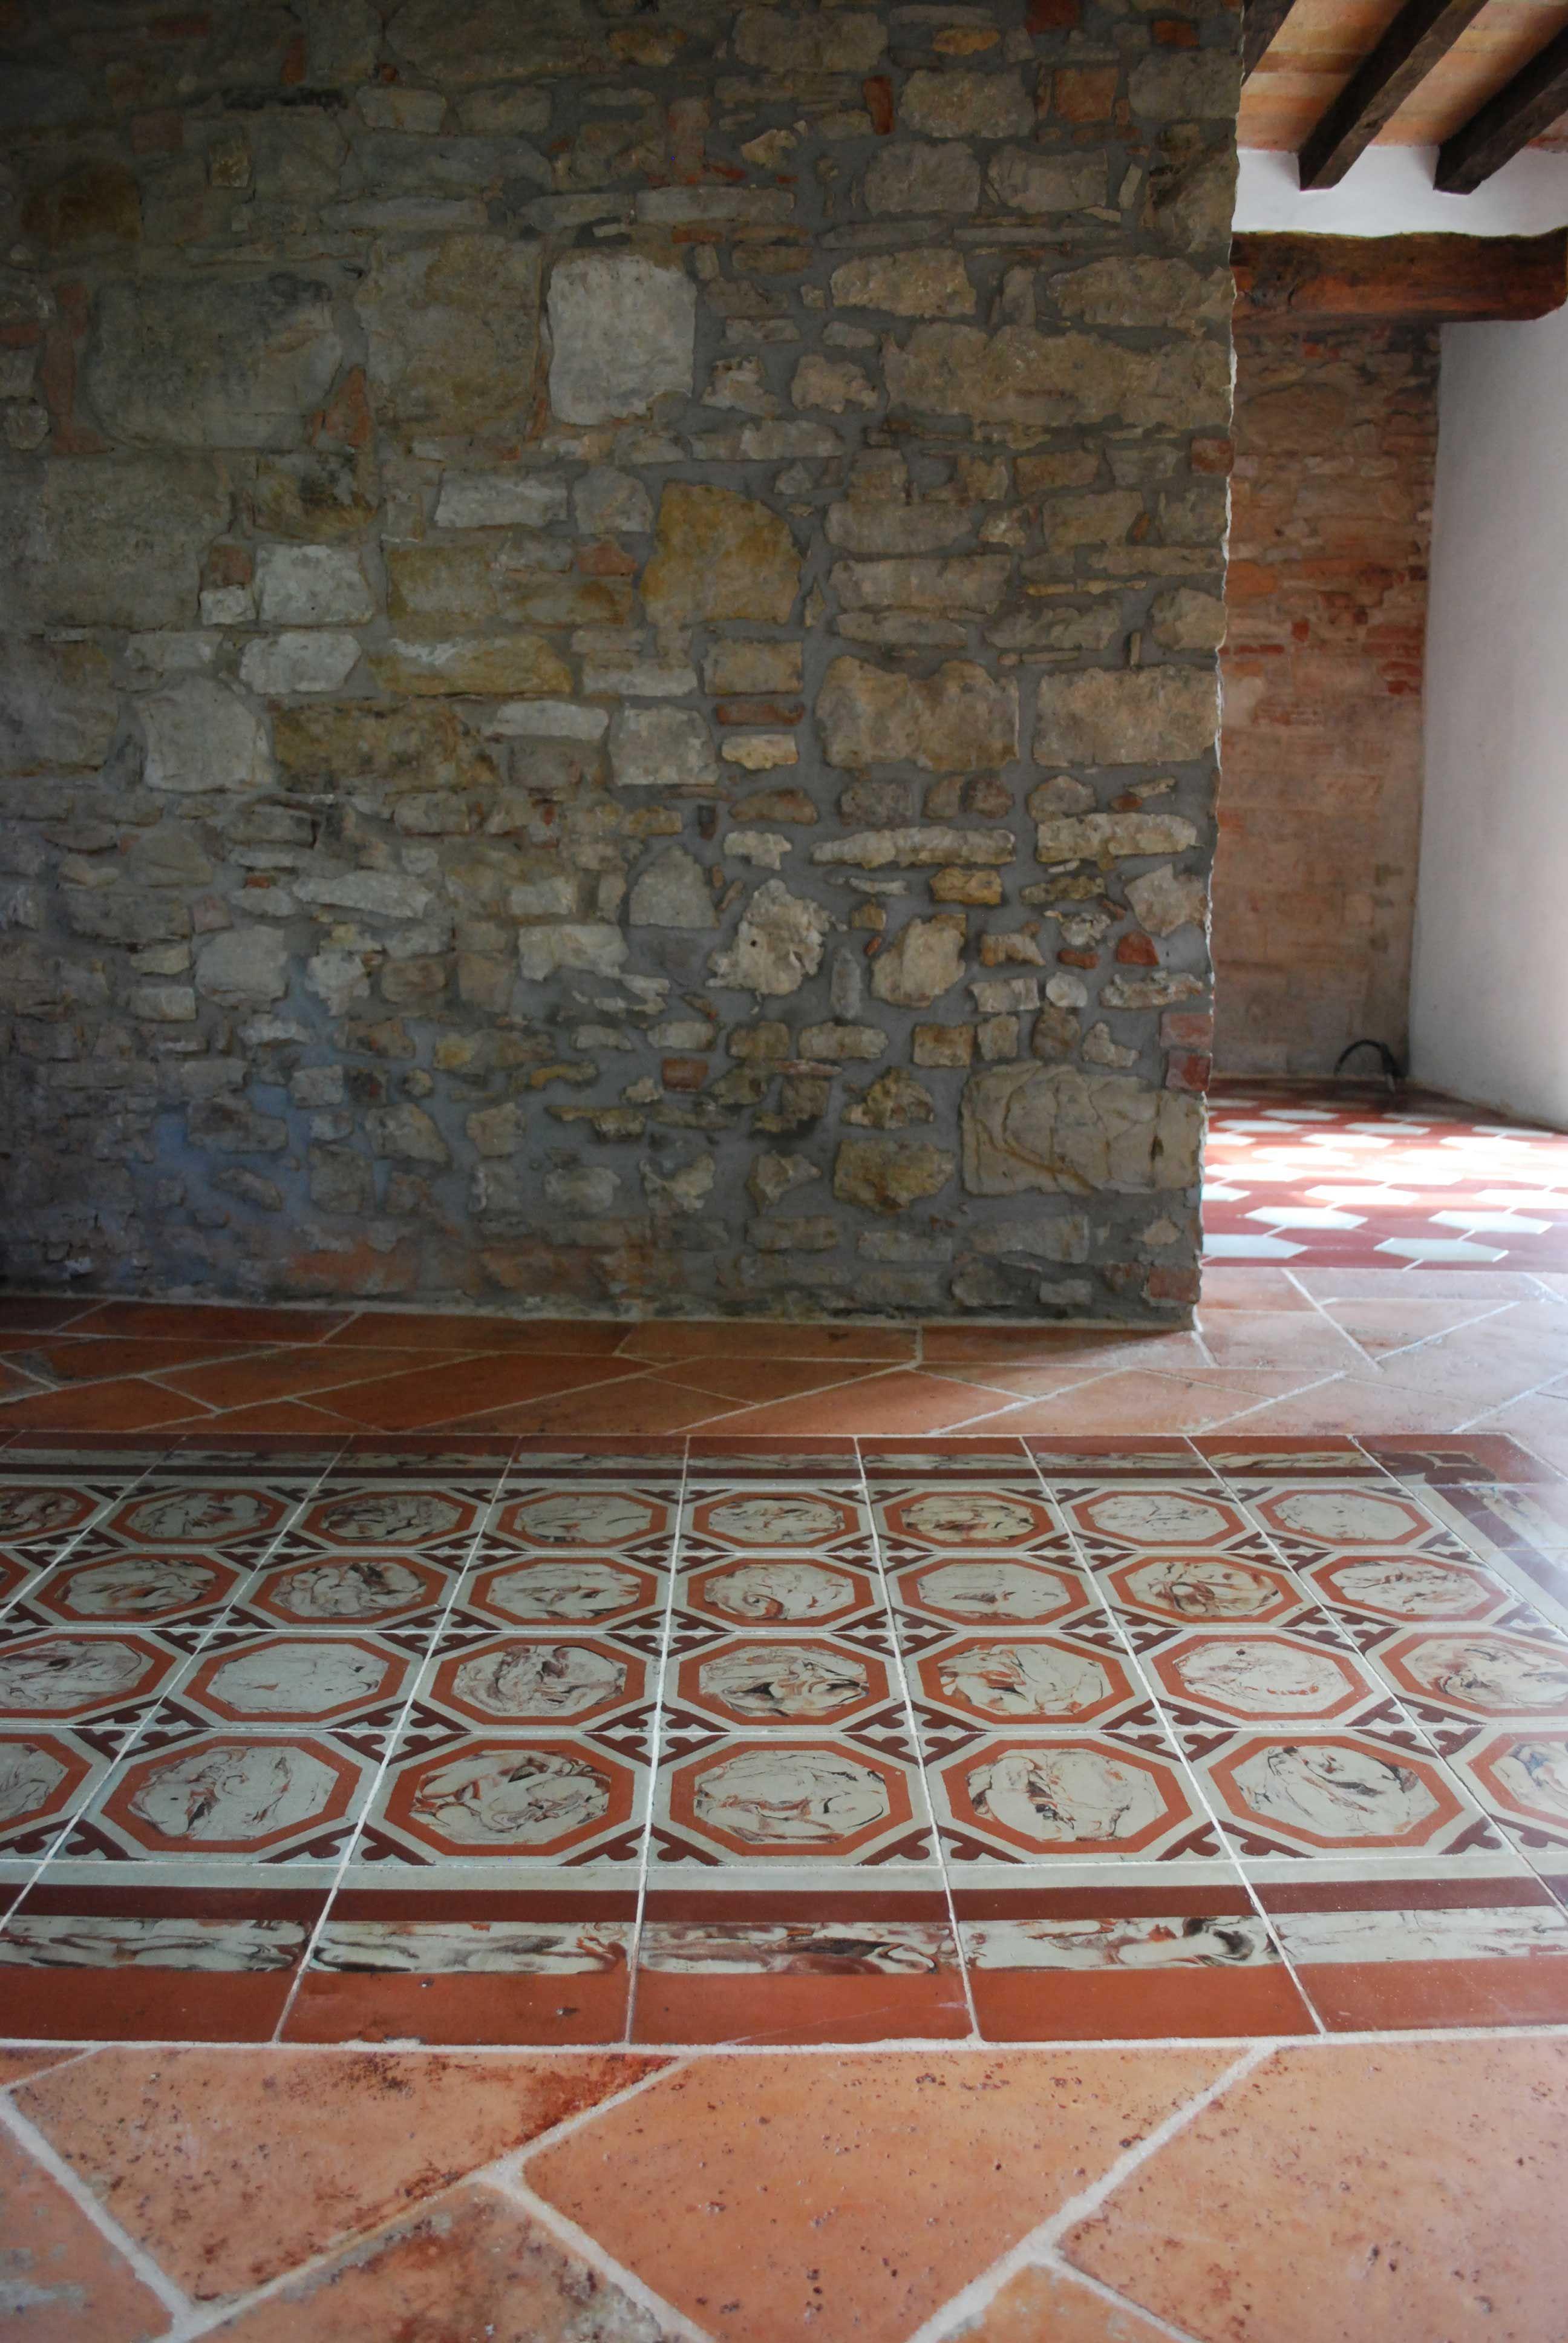 Tappeto in cementine antiche marmorizzate su pavimento in